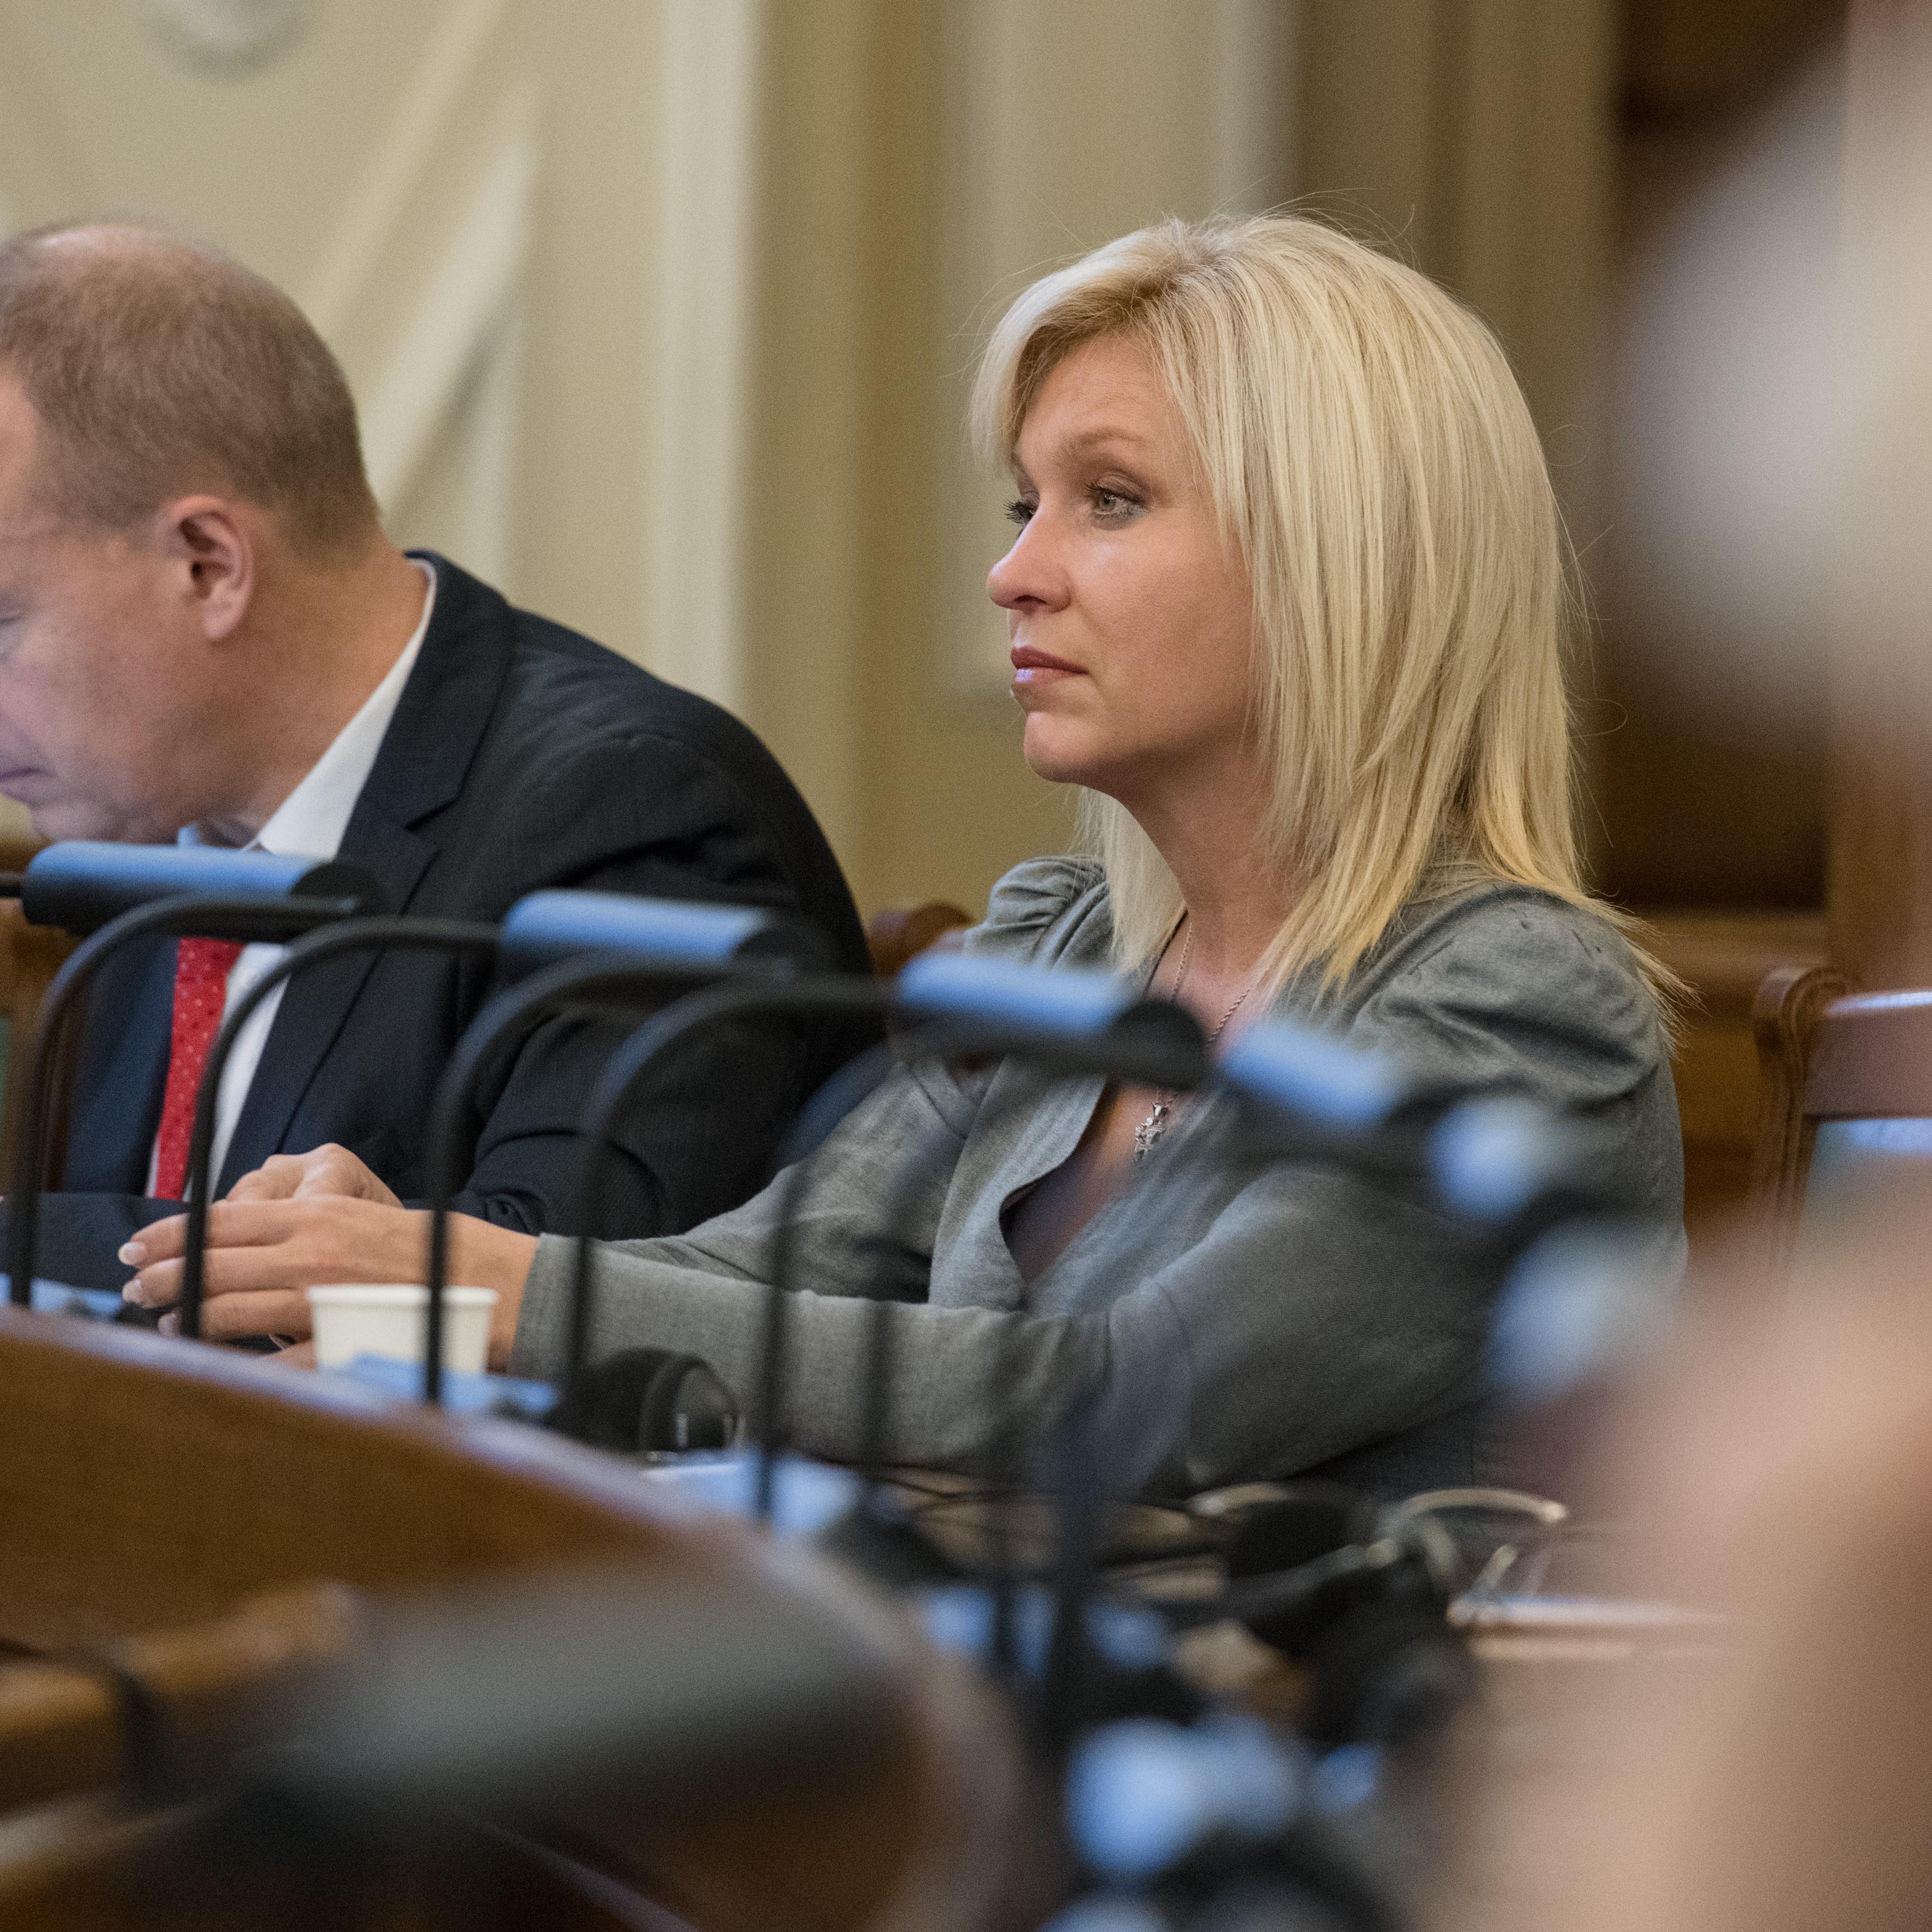 Regīna Ločmele-Luņova: Visas bankas pievienojās hipotēkas aizdevuma maksājumu moratorijam